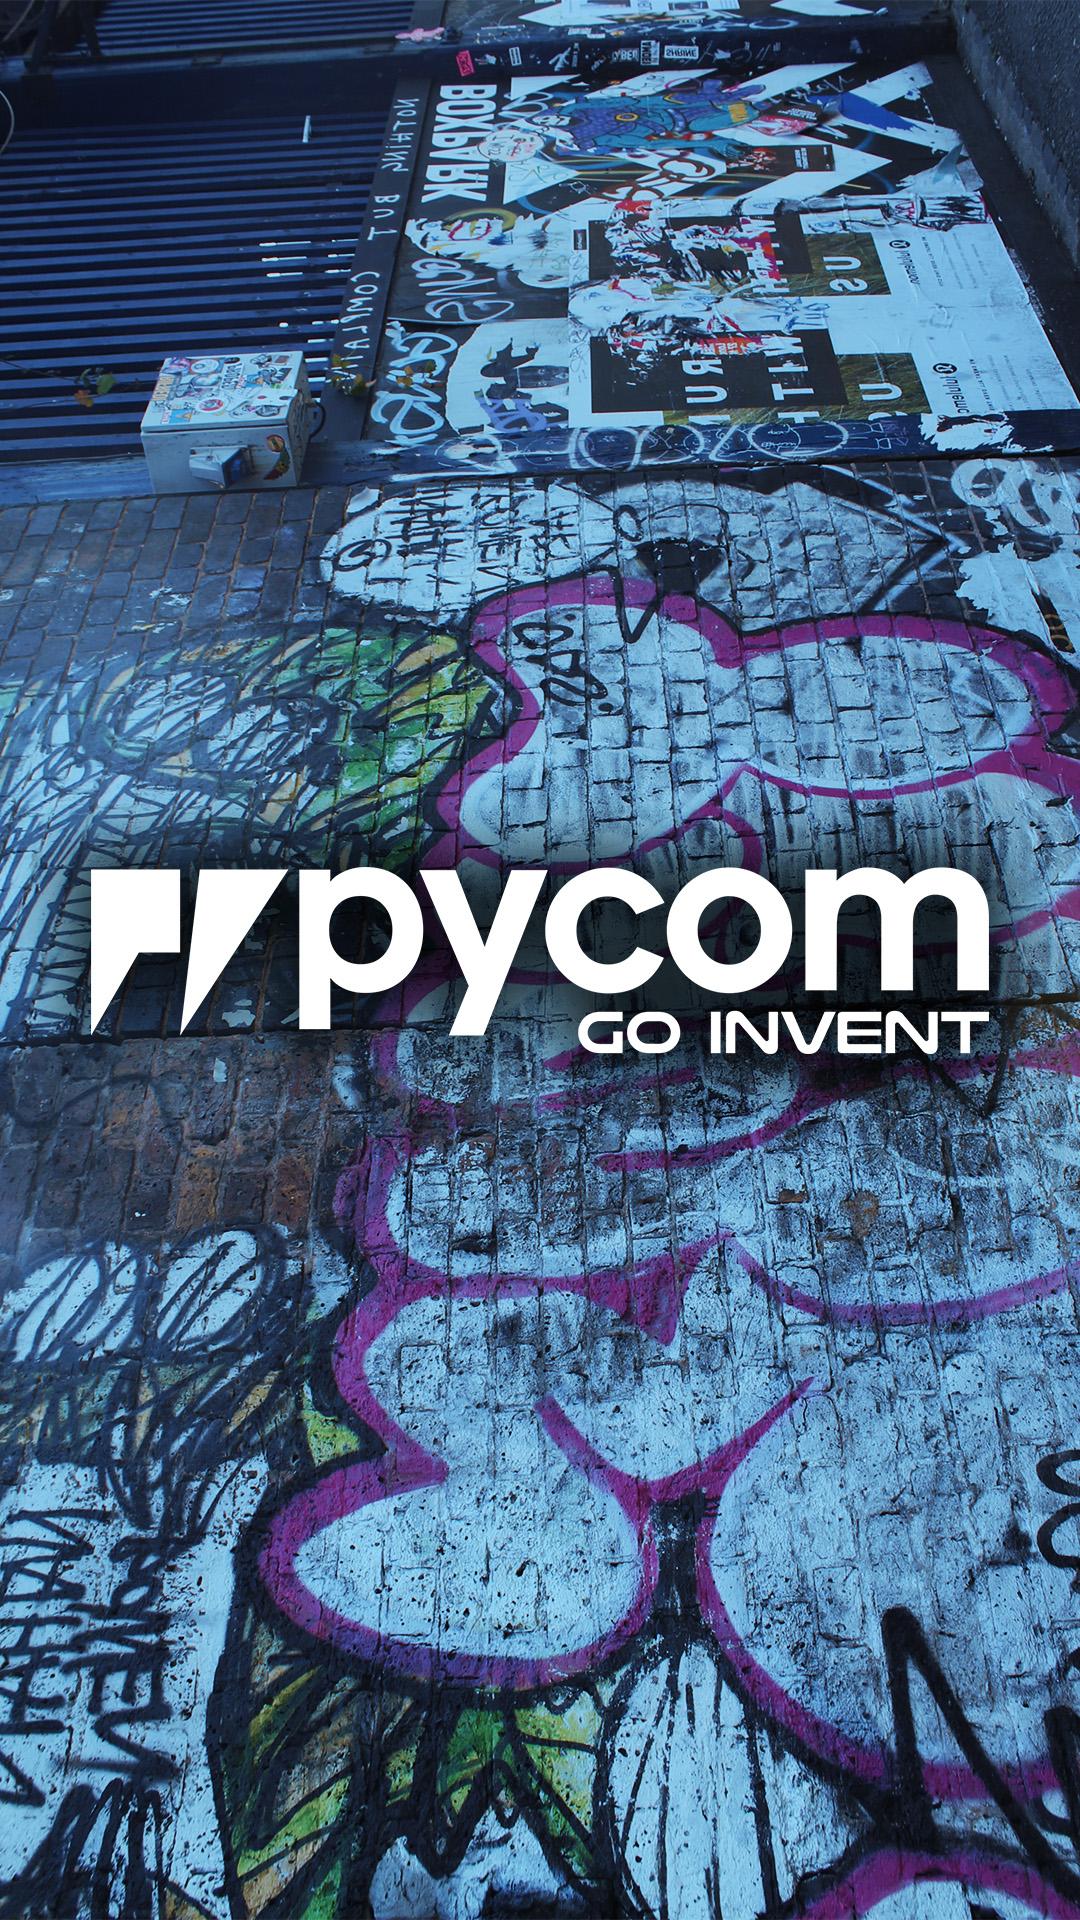 Arrival Wallpaper Mobile Shatter Wallpaper Mobile Ufo Wallpaper Mobile Circuit Wallpaper Mobile Cables Wallpaper Mobile Graffiti  Wallpaper Mobile Graffiti